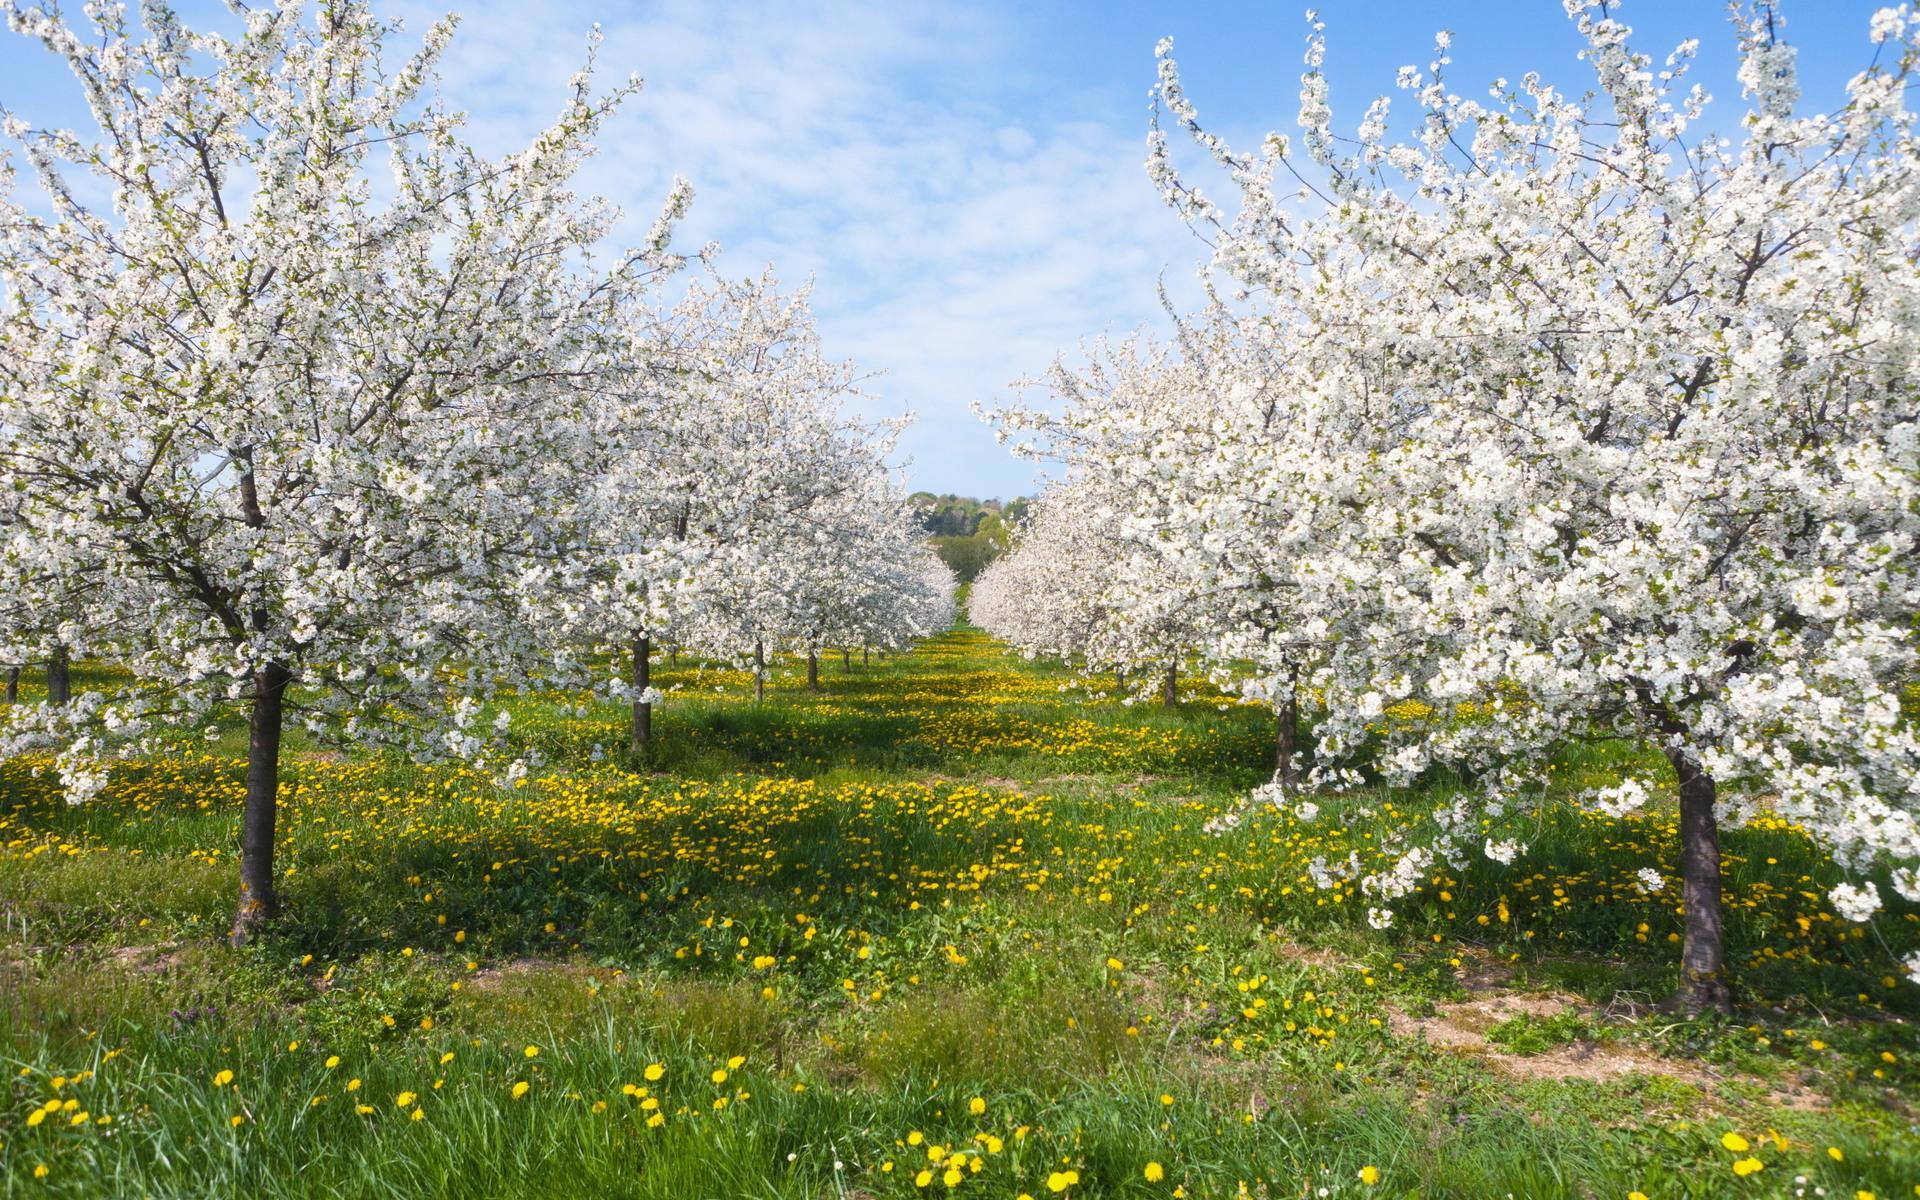 природа деревья цветы бесплатно